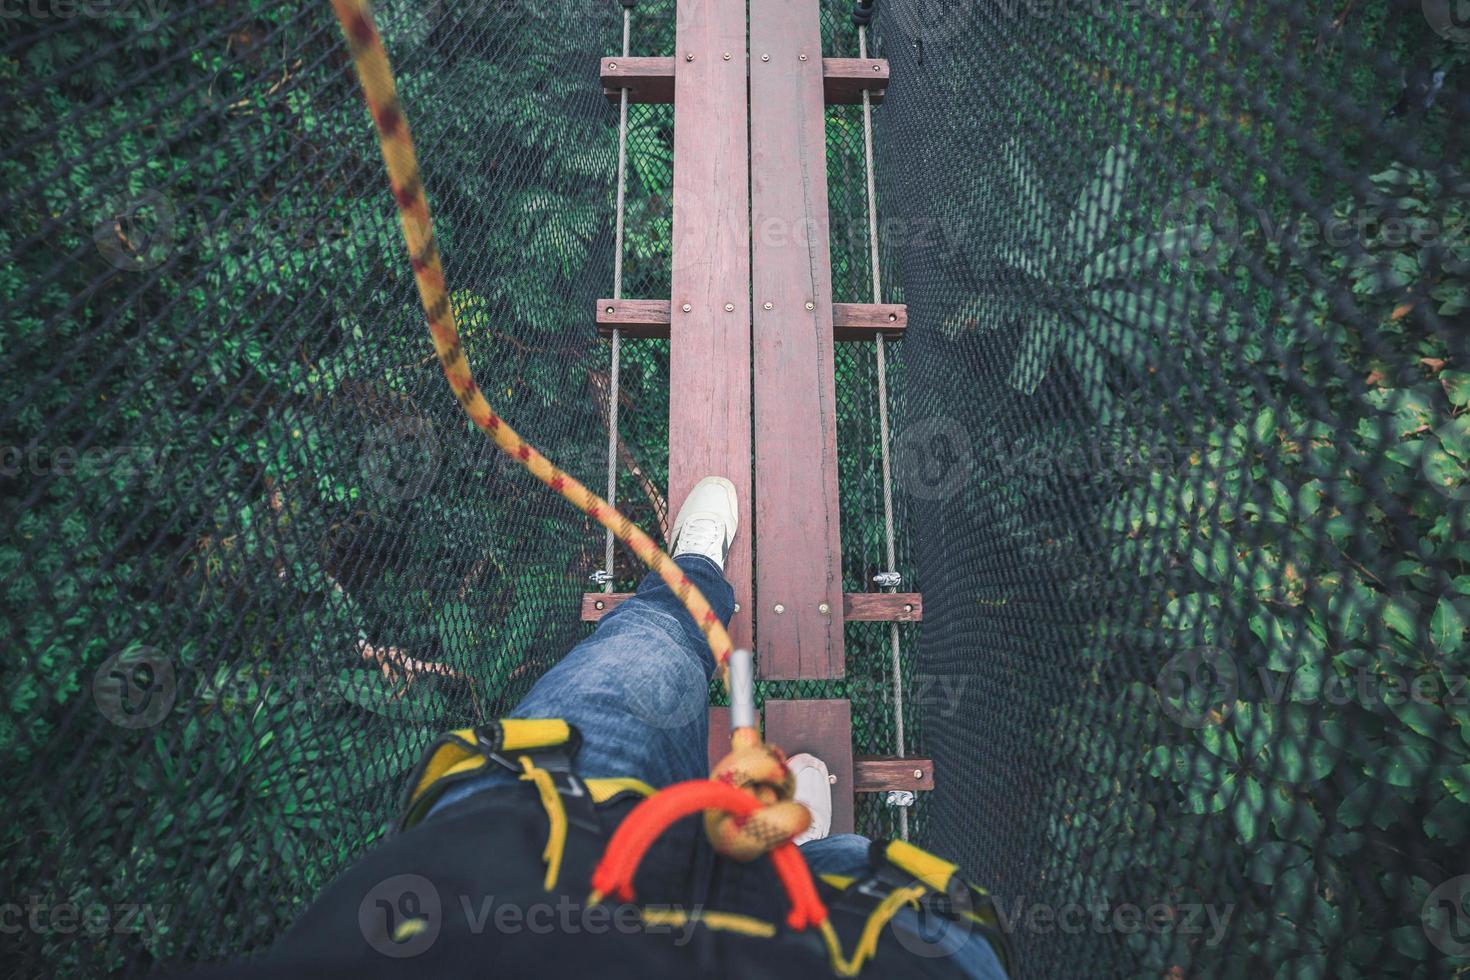 camminando sul ponte in cima all'albero foto